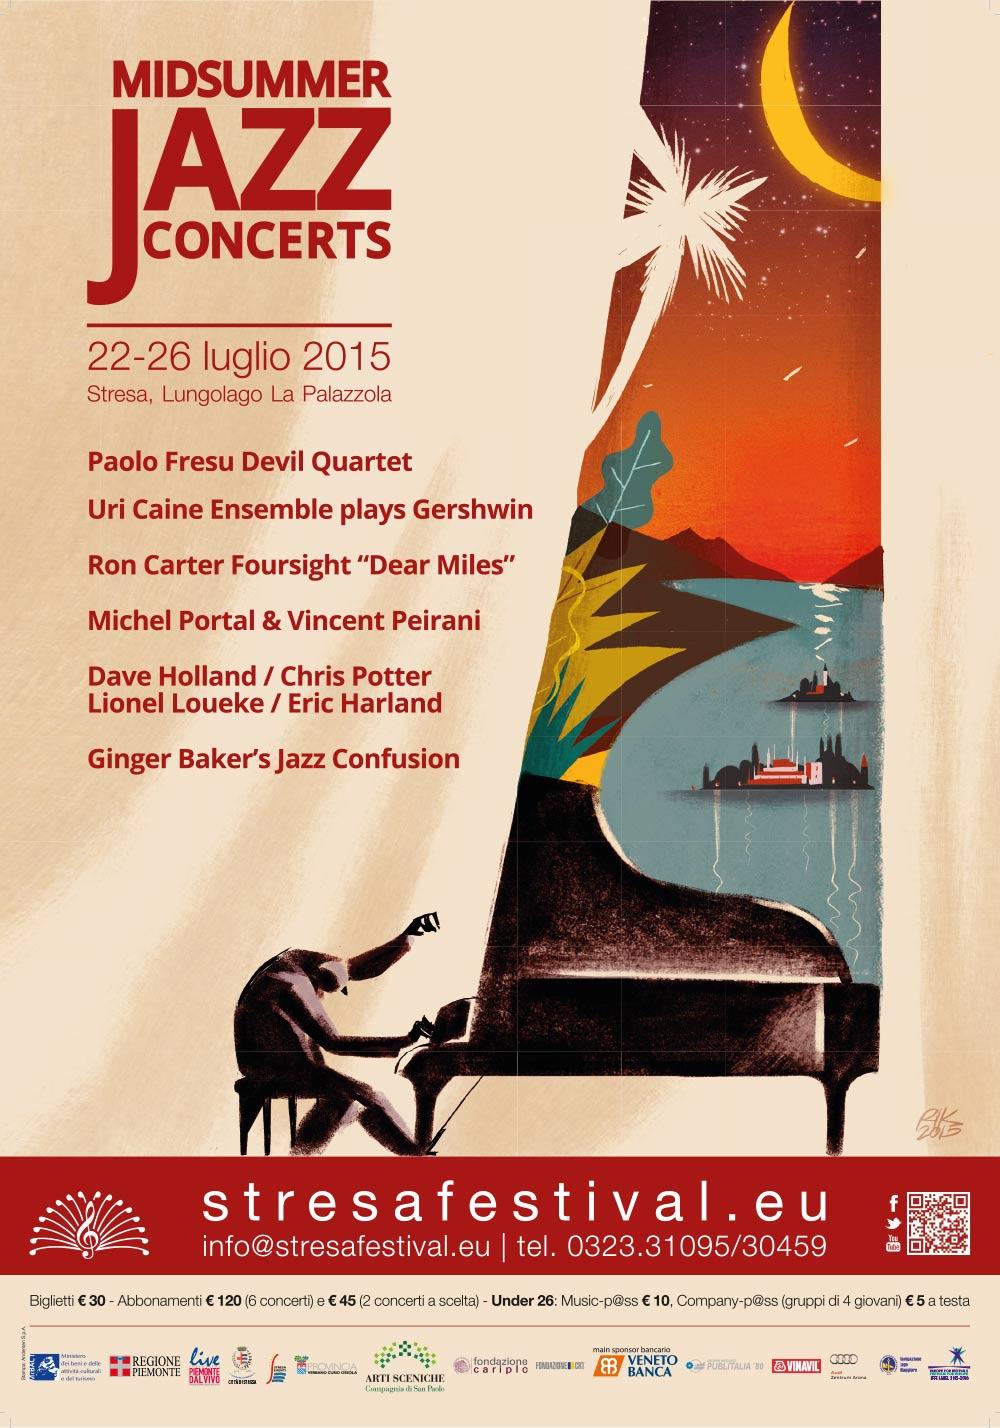 Stresa-Festival-locandina-midsummer jazz 2015